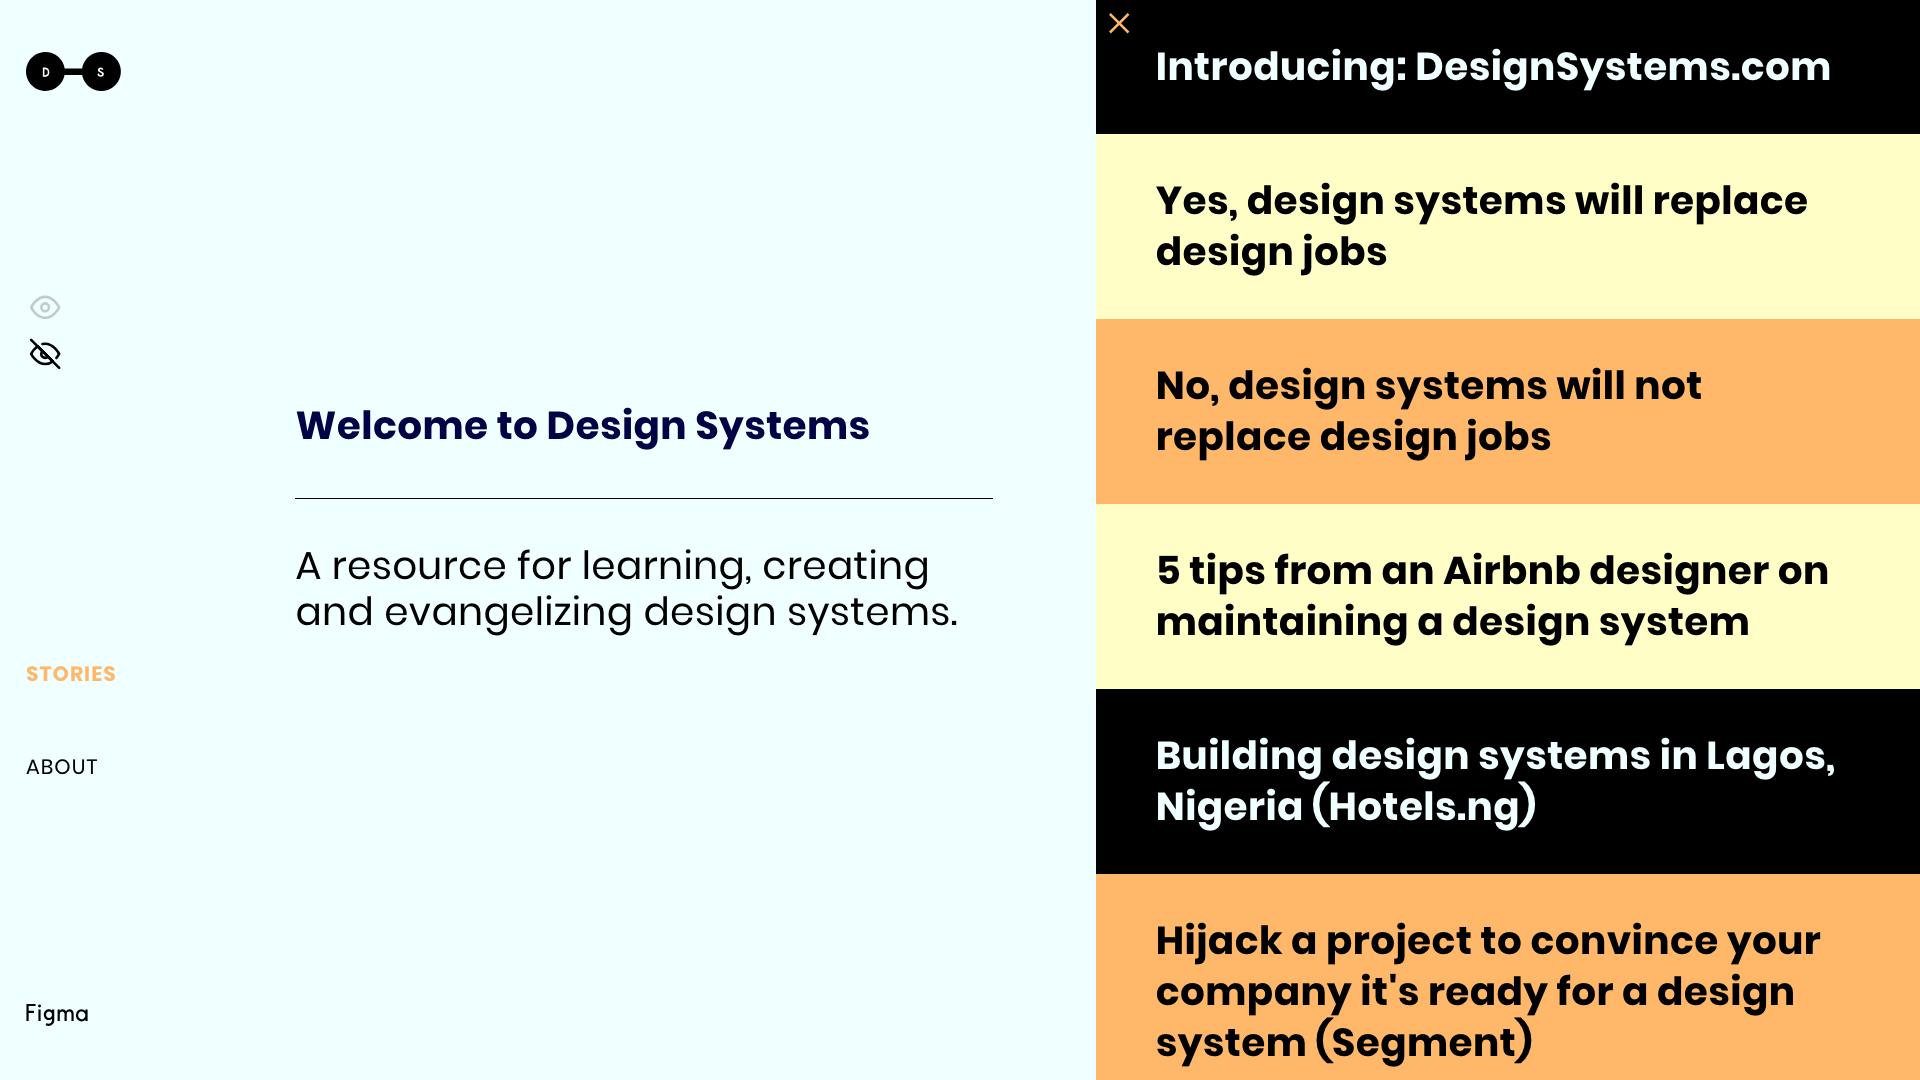 DesignSystems.com